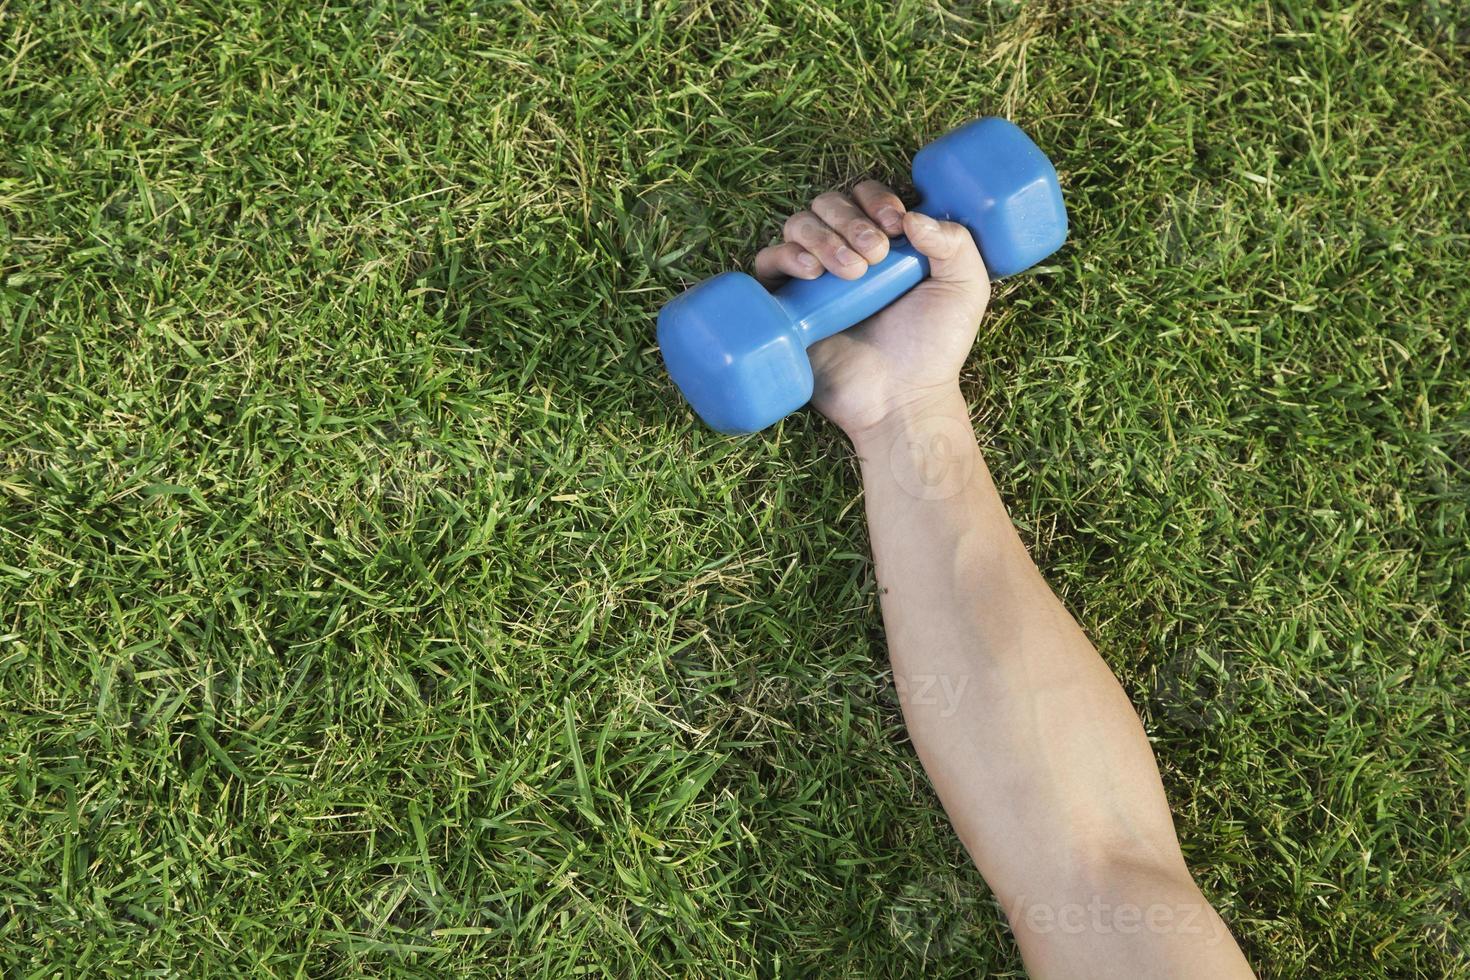 braço com haltere azul foto